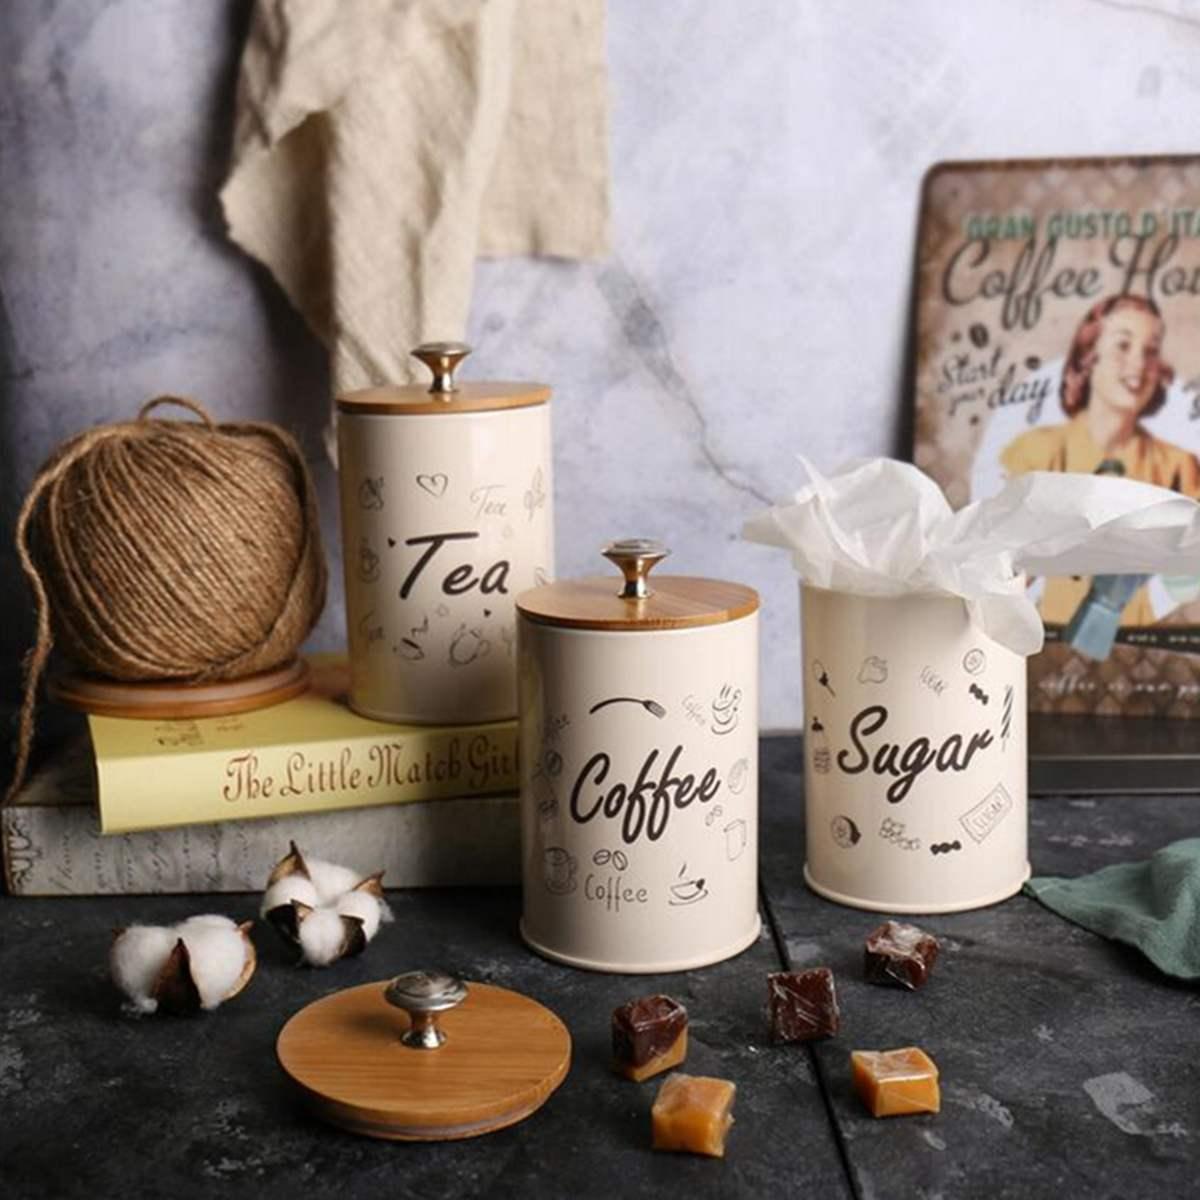 1 مجموعة القهوة الشاي السكر زجاجات الجرار تخزين مربع علبة ل المطبخ حاويات الجرار زجاجات الحلوى السكر تخزين عاء الملاكمة